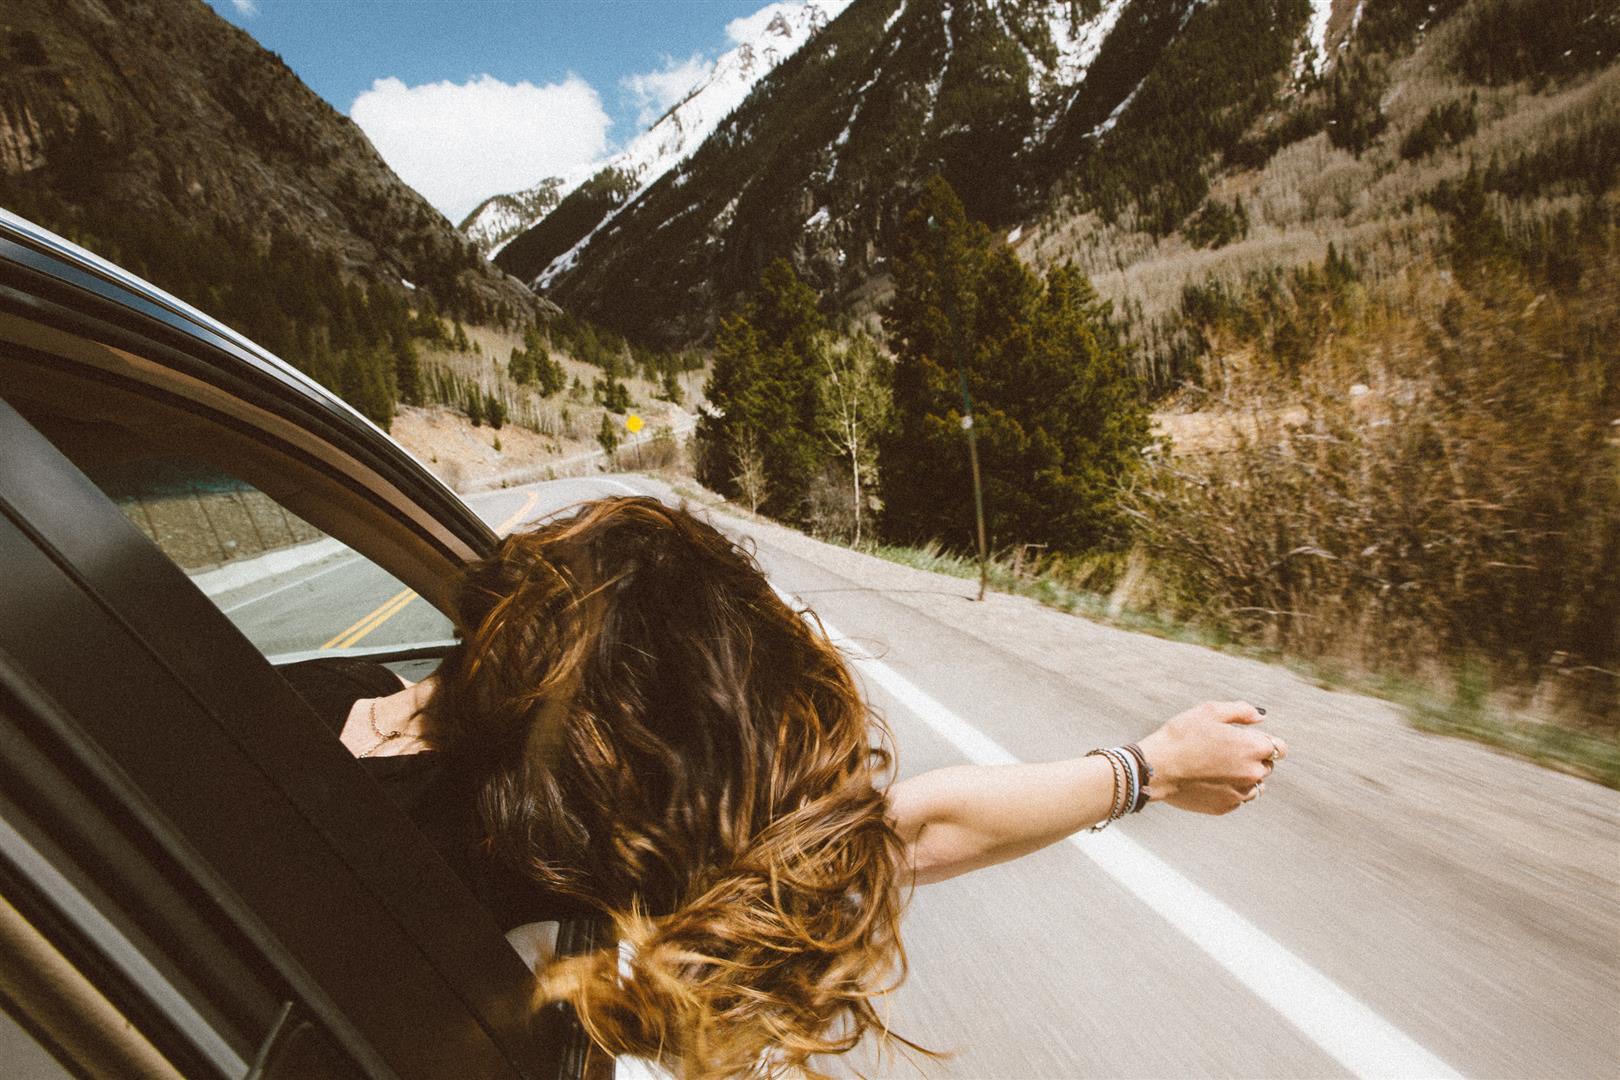 Viaggiare da sole: la nuova frontiera del turismo al femminile?